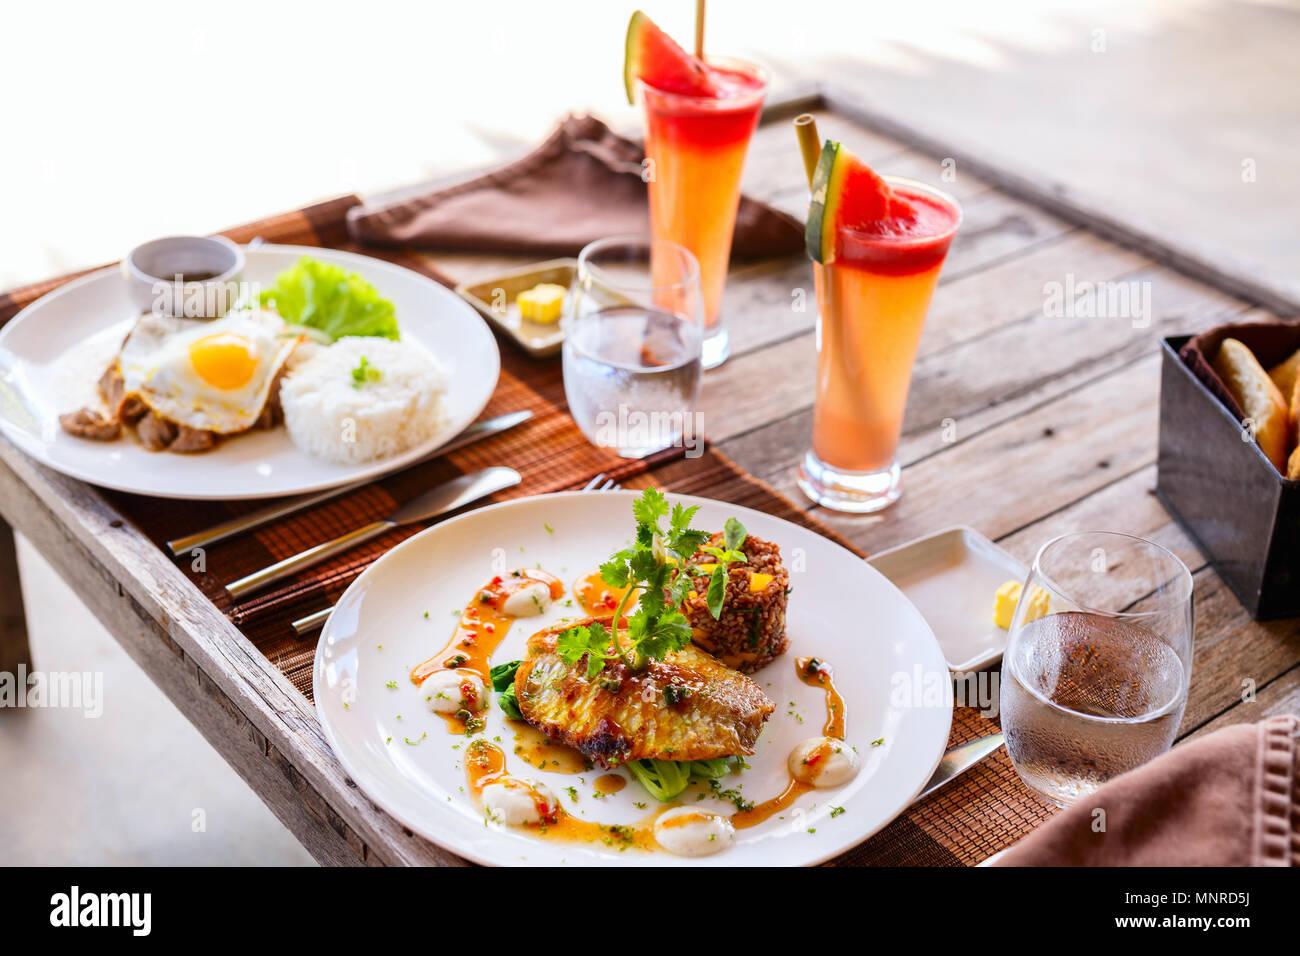 Délicieux déjeuner pour deux au restaurant de poisson, riz, œuf frit et des légumes verts Photo Stock